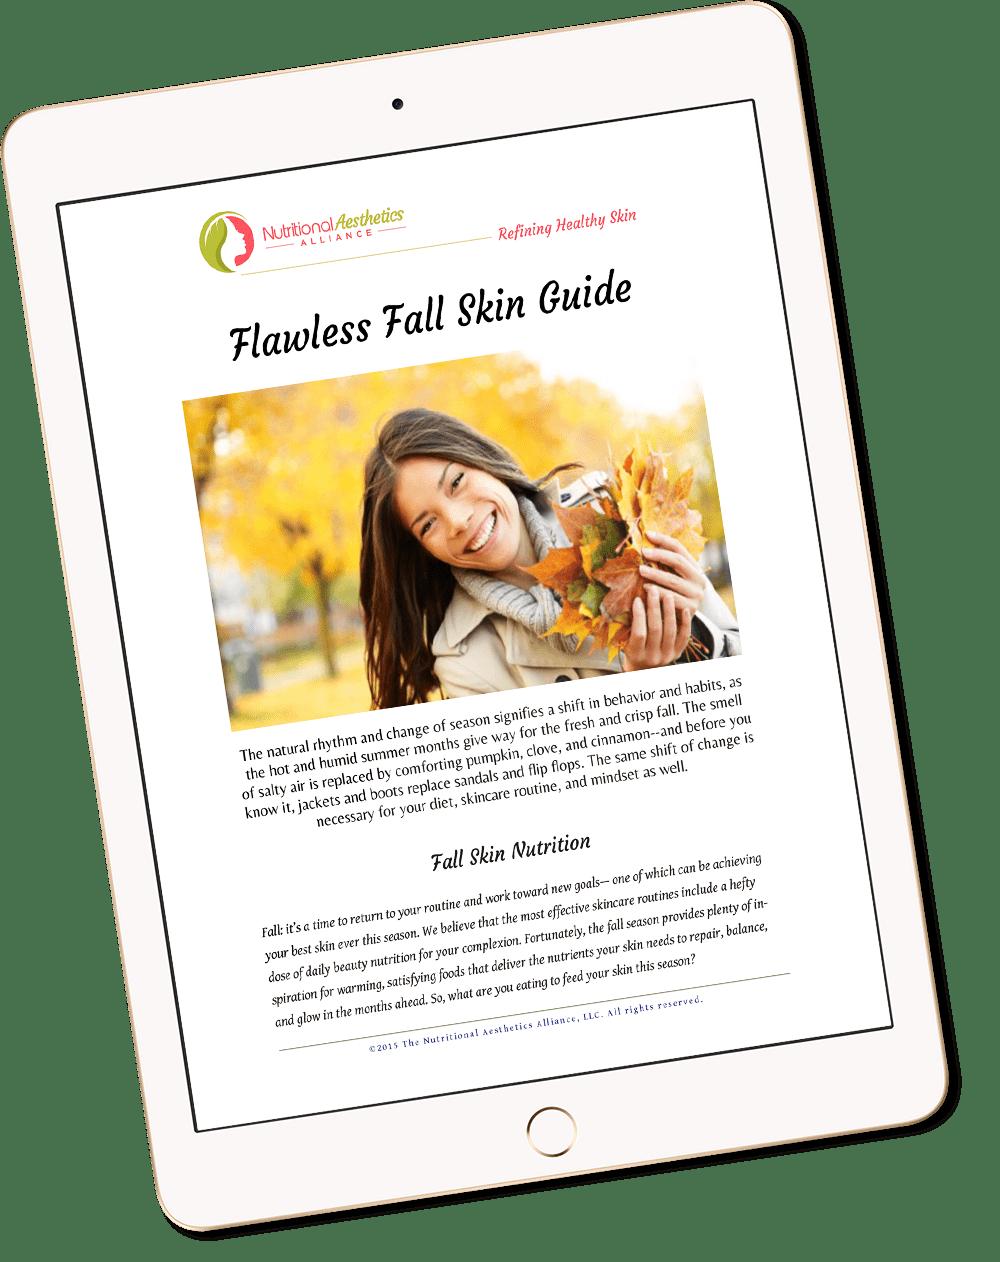 Fall Skin Guide on an iPad